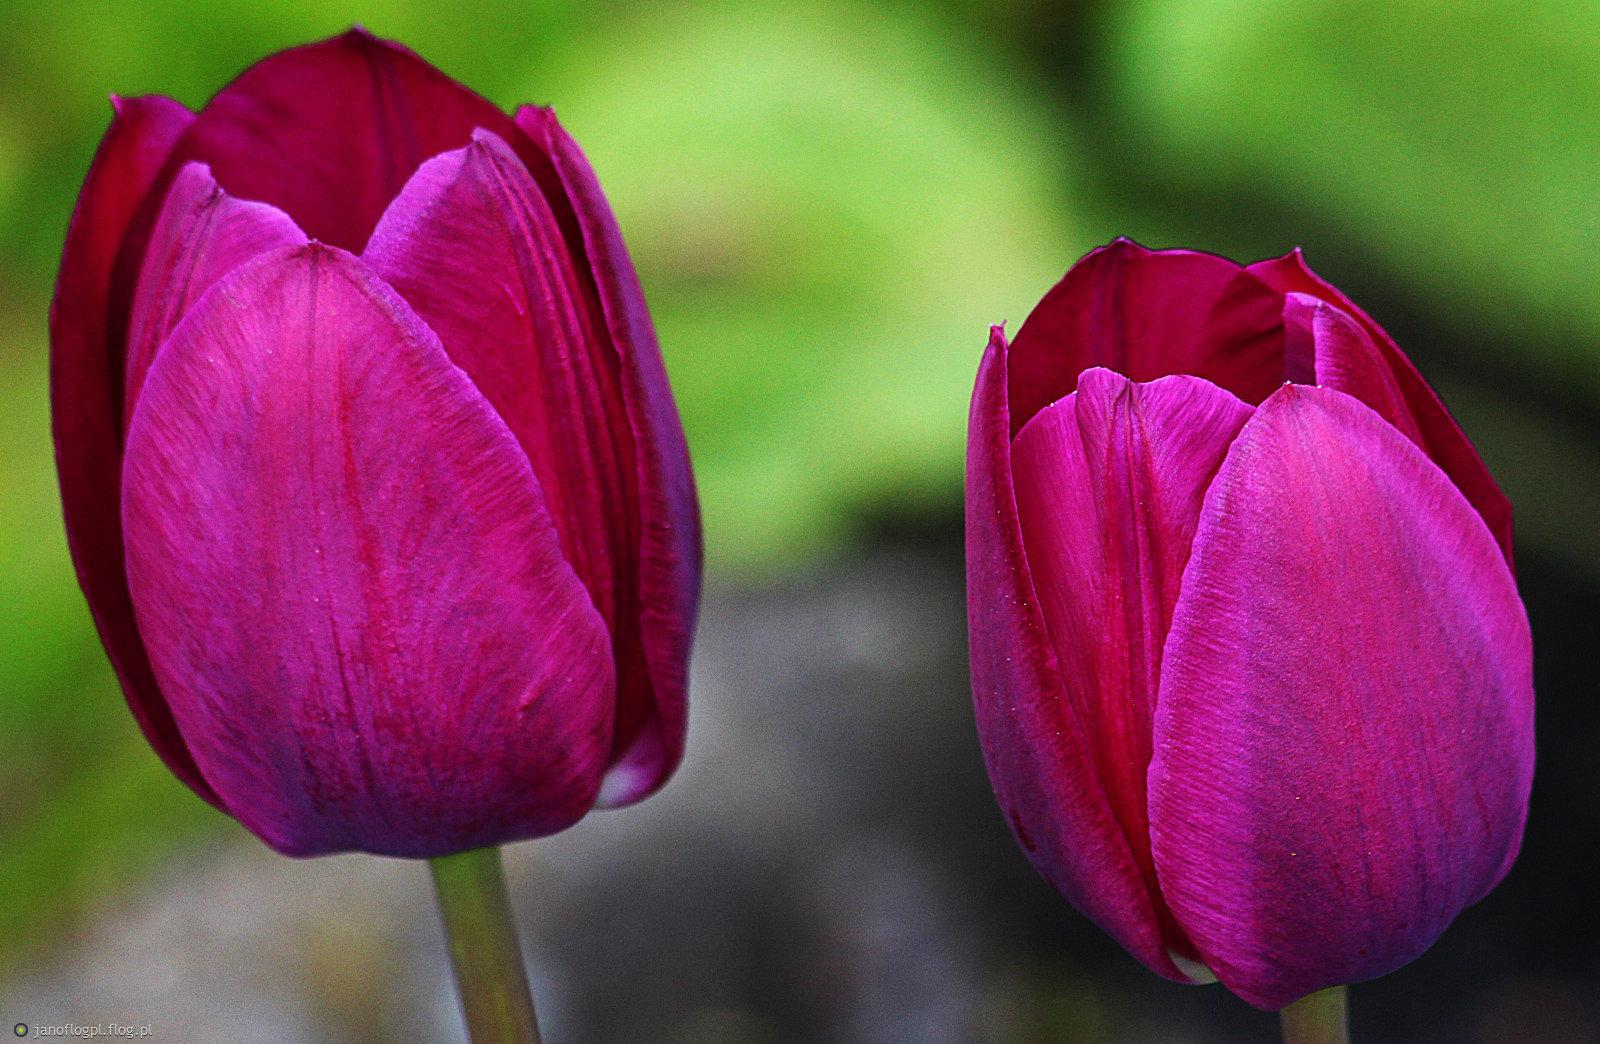 Moje tulipanki dla Ciebie na powitanie